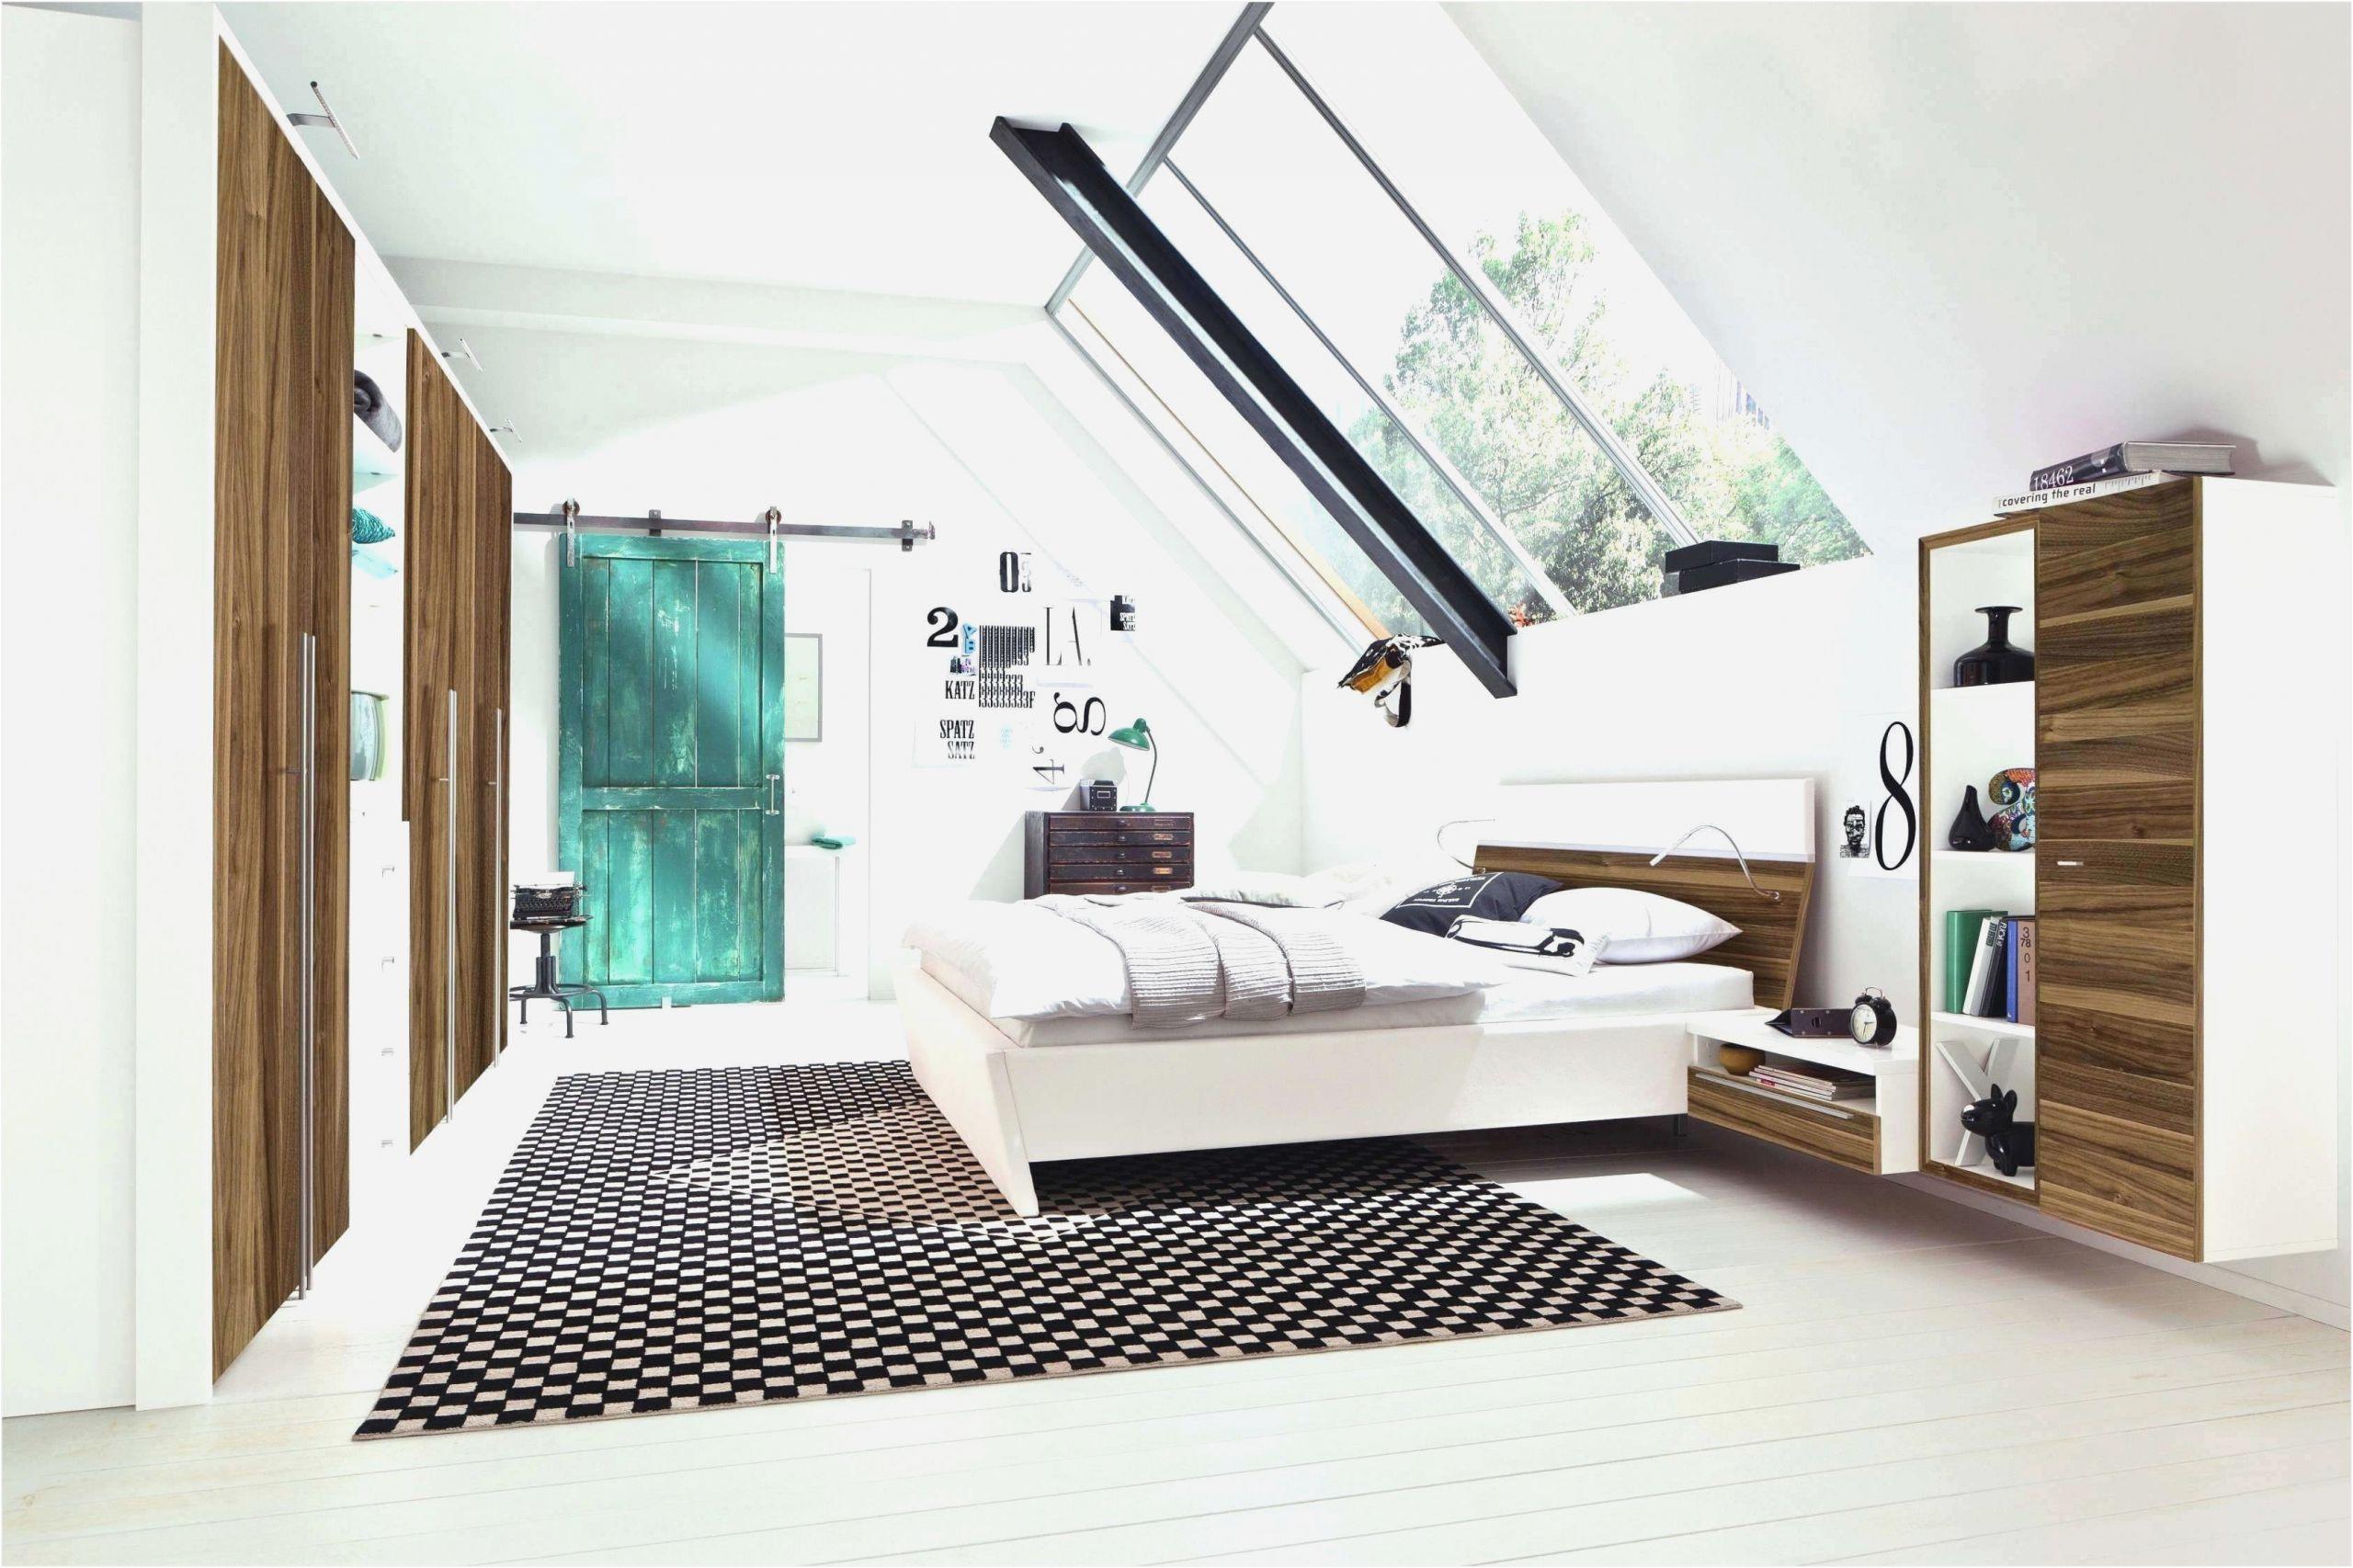 schlafzimmer ideen grau und weiss of schlafzimmer ideen grau und weiss scaled